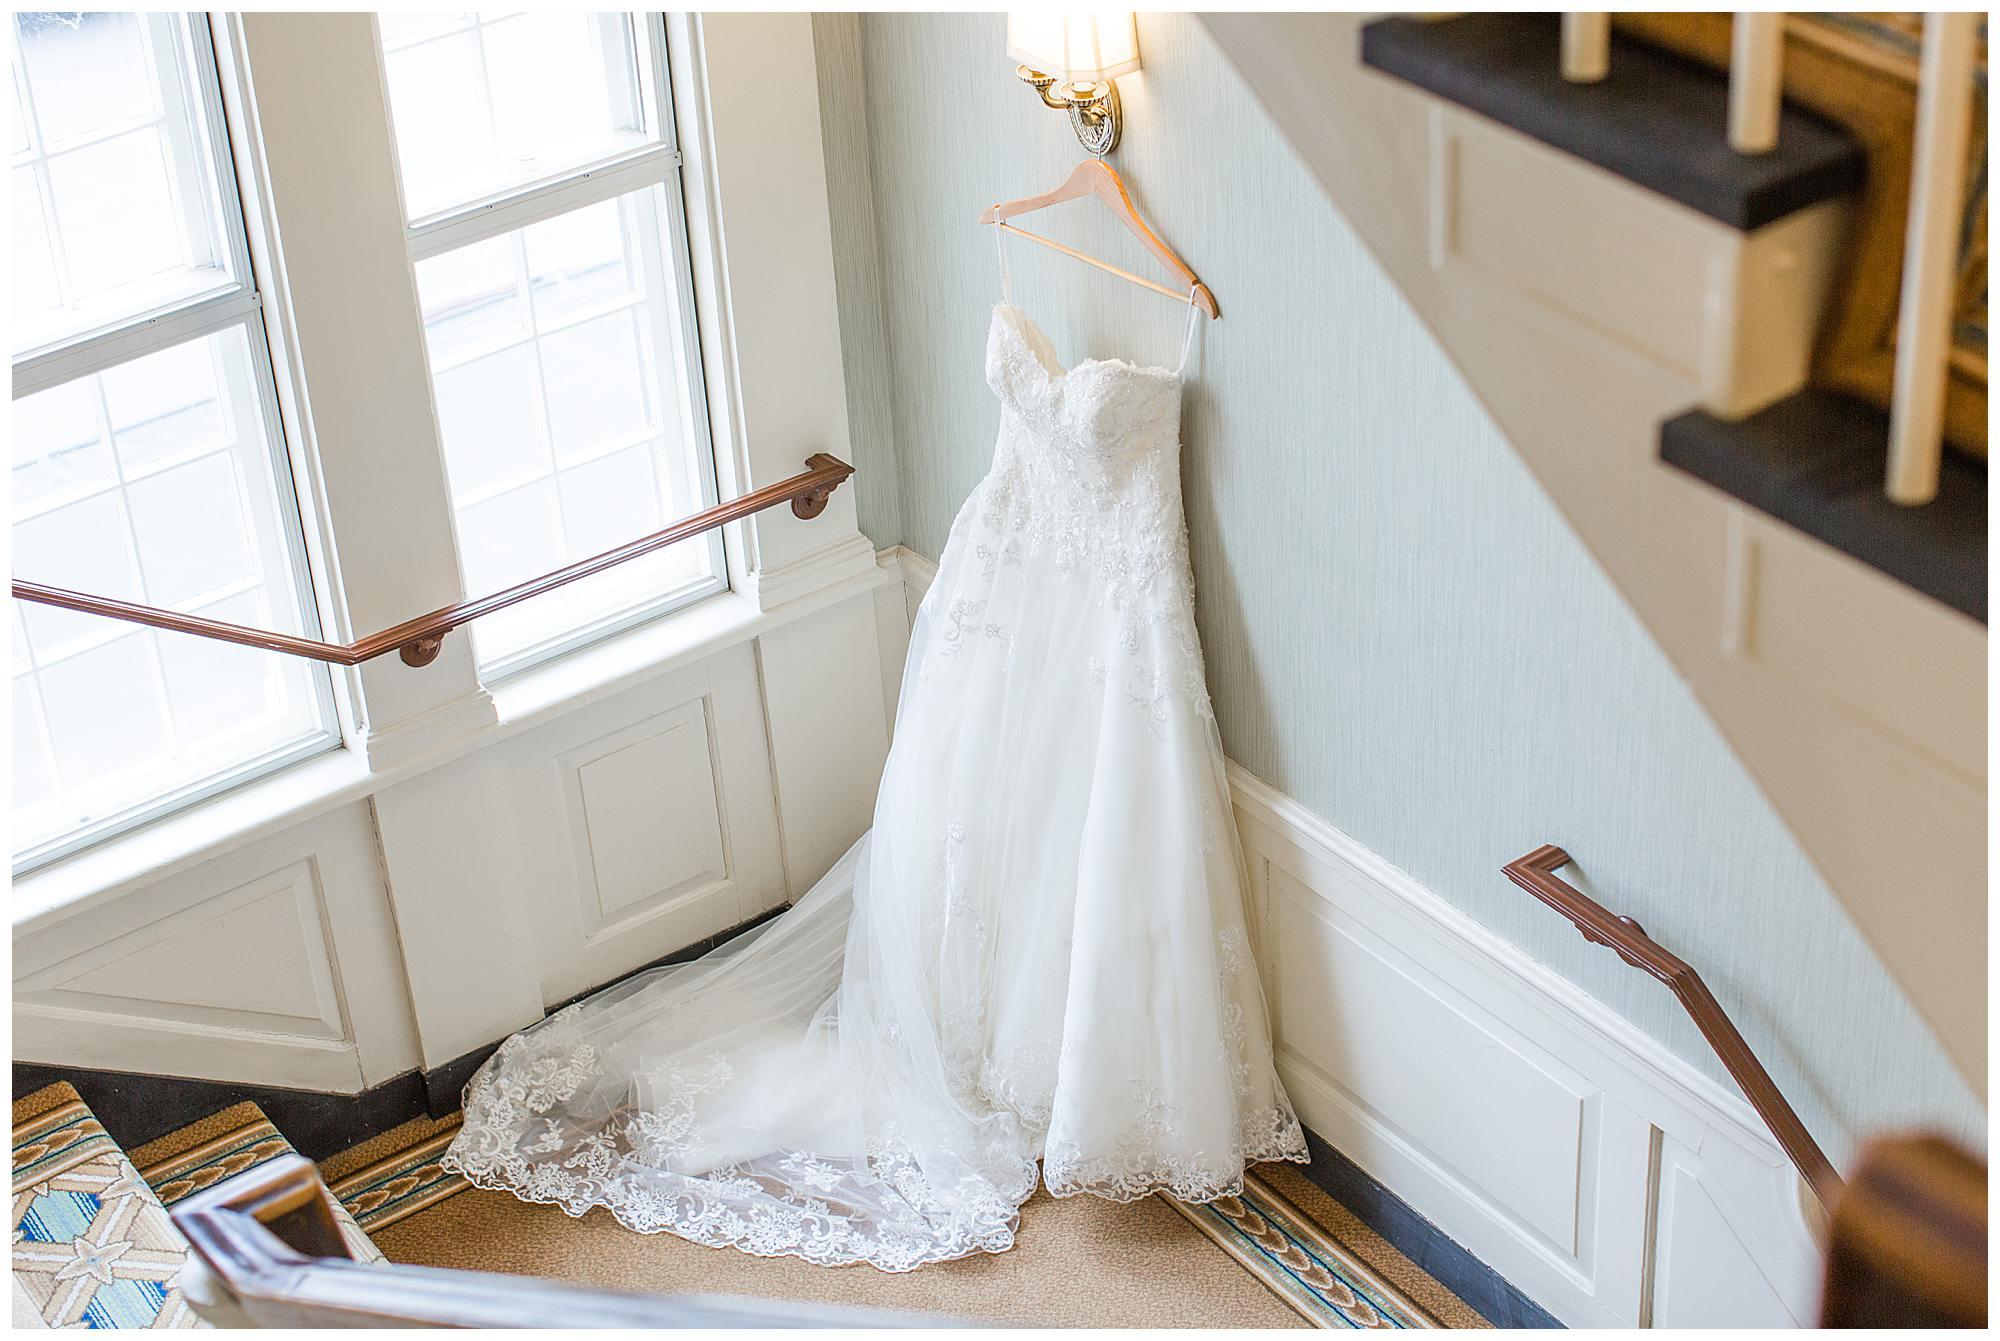 Inn on Boltwood Wedding in Amherst, Massachusetts